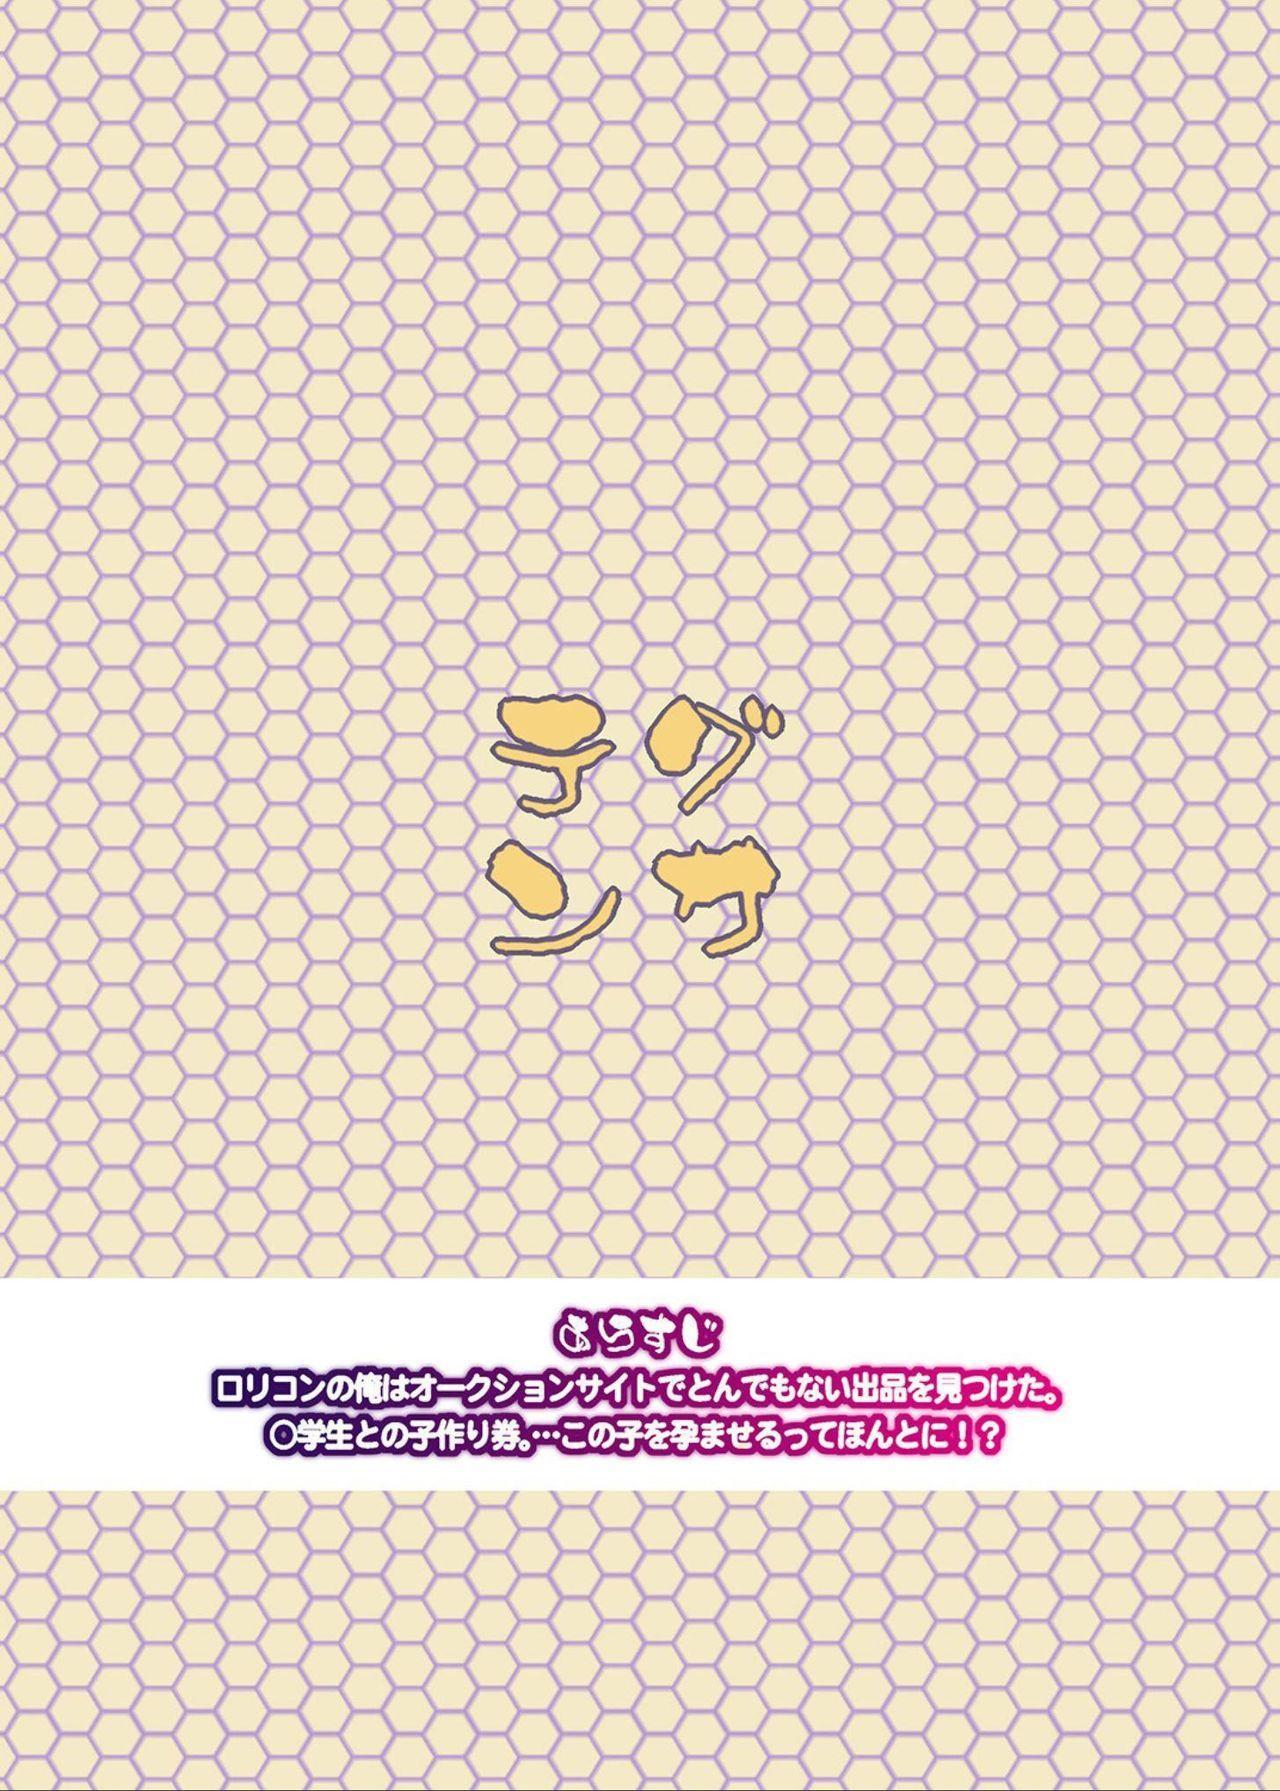 Rakusatsu! Otanoshimi Kobukuro 29